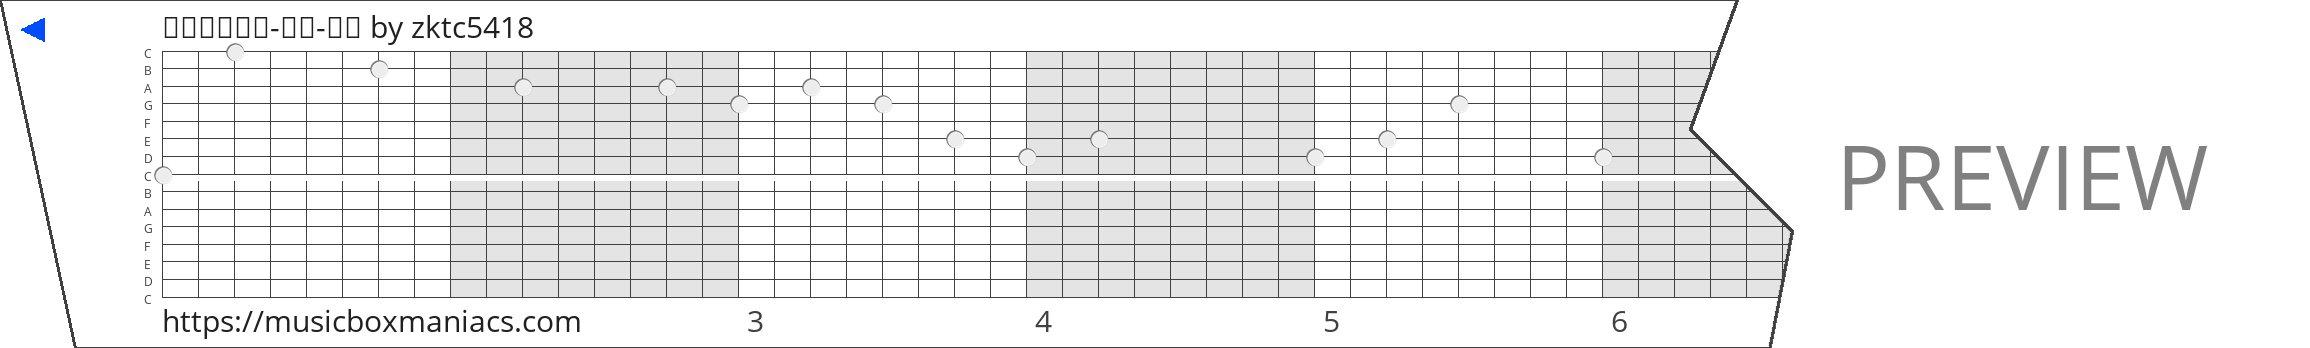 一百万种可能-网络-神曲 15 note music box paper strip